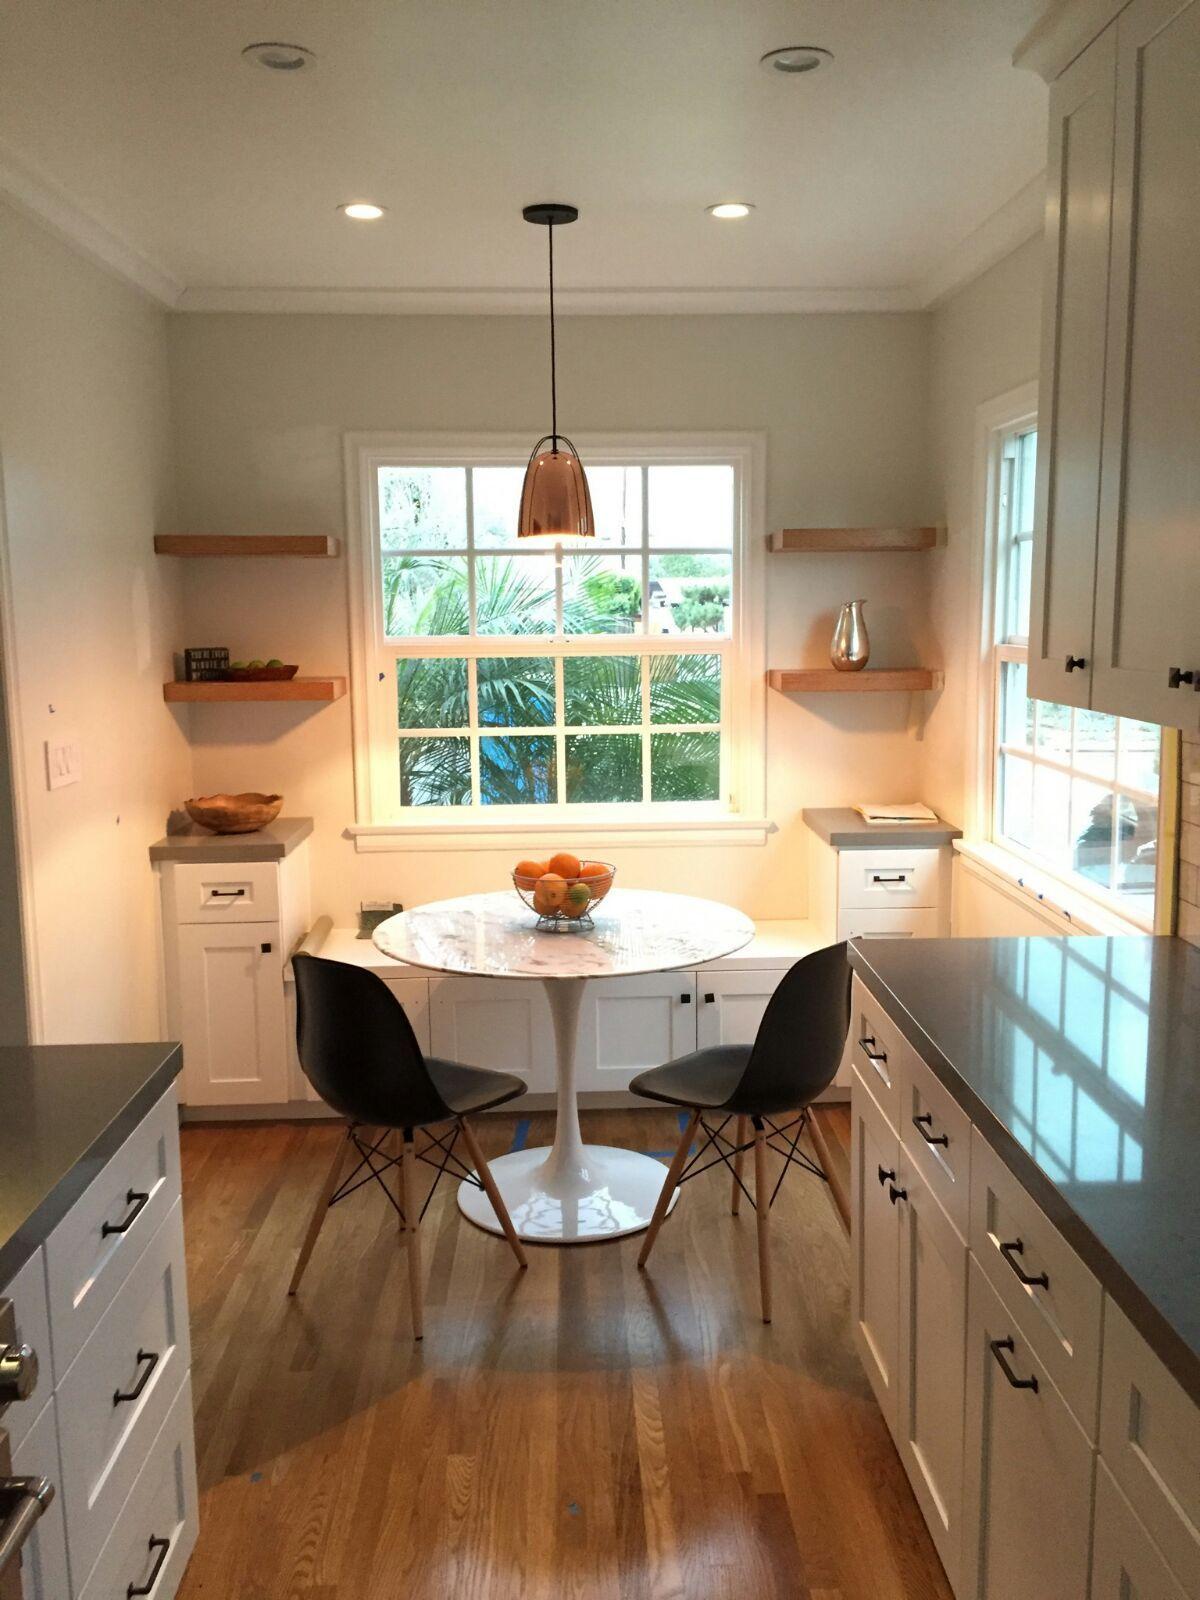 galley kitchen breakfast nook kitchen remodel small galley kitchen remodel cottage on kitchen remodel galley style id=18087